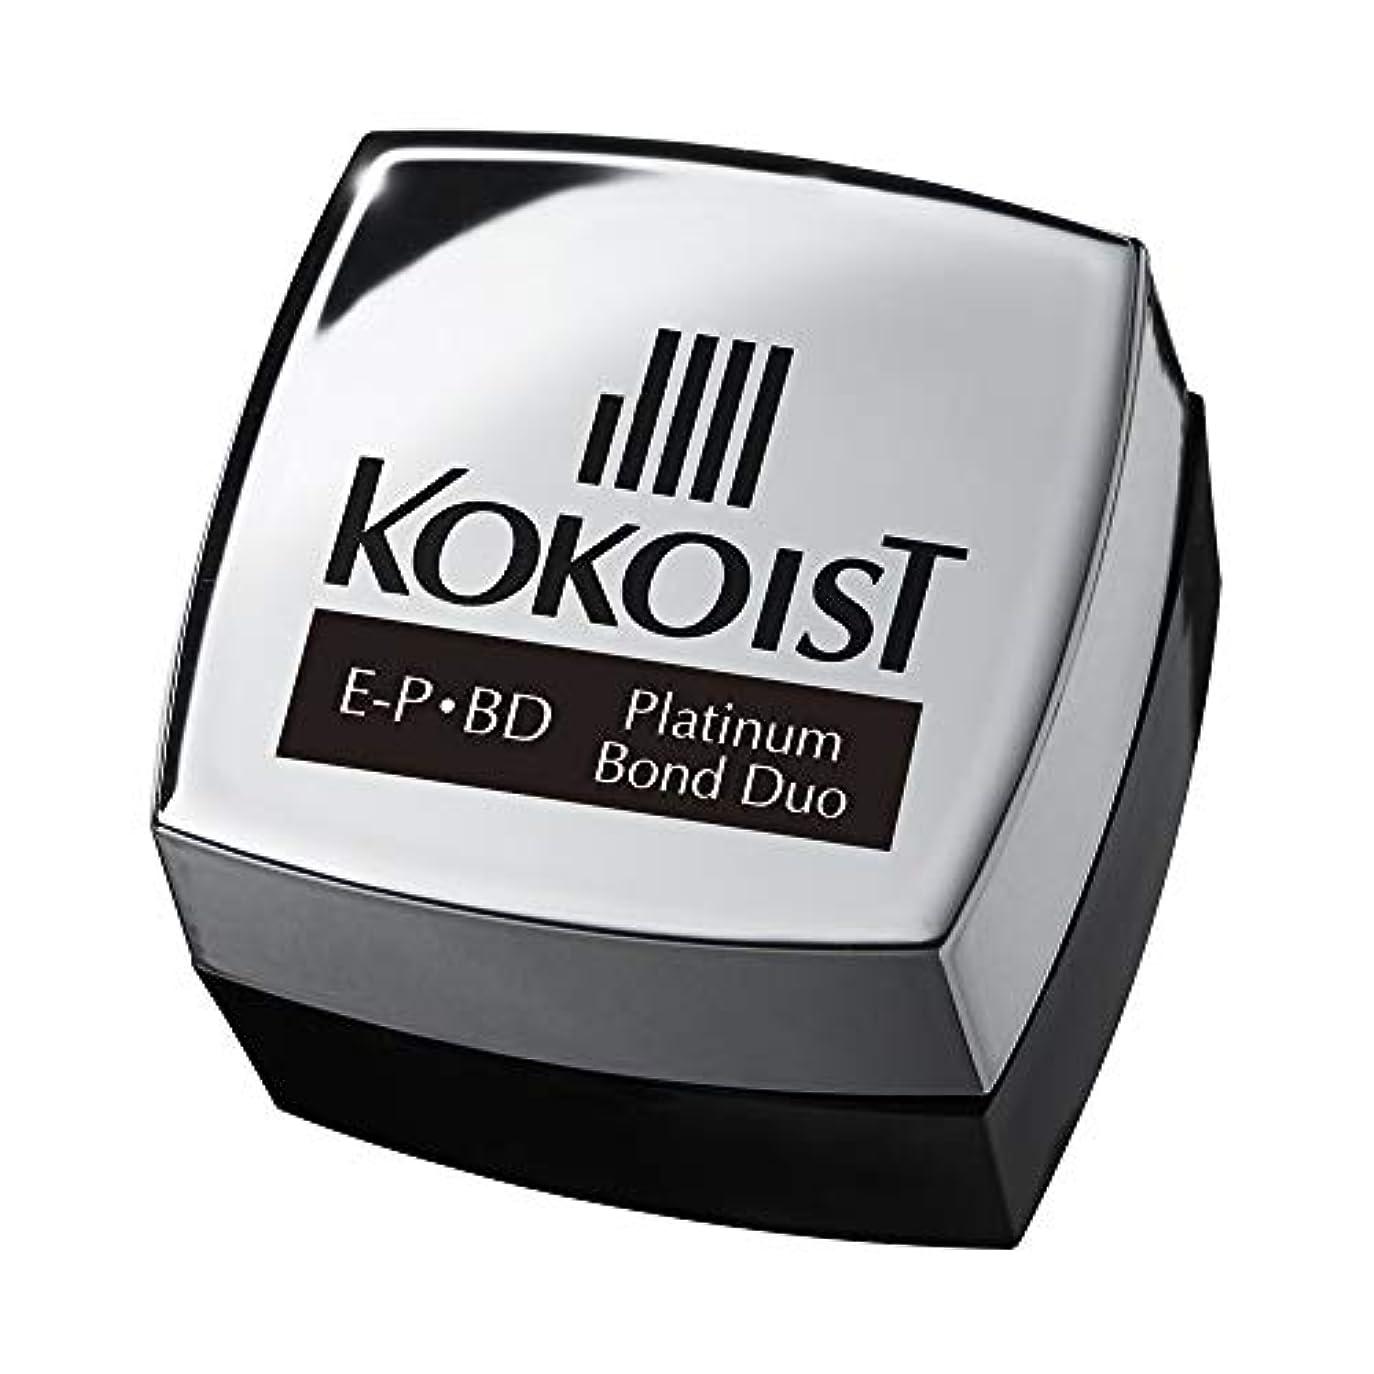 残酷ケーブル感覚KOKOIST プラチナボンドデュオ 4g UV/LED対応